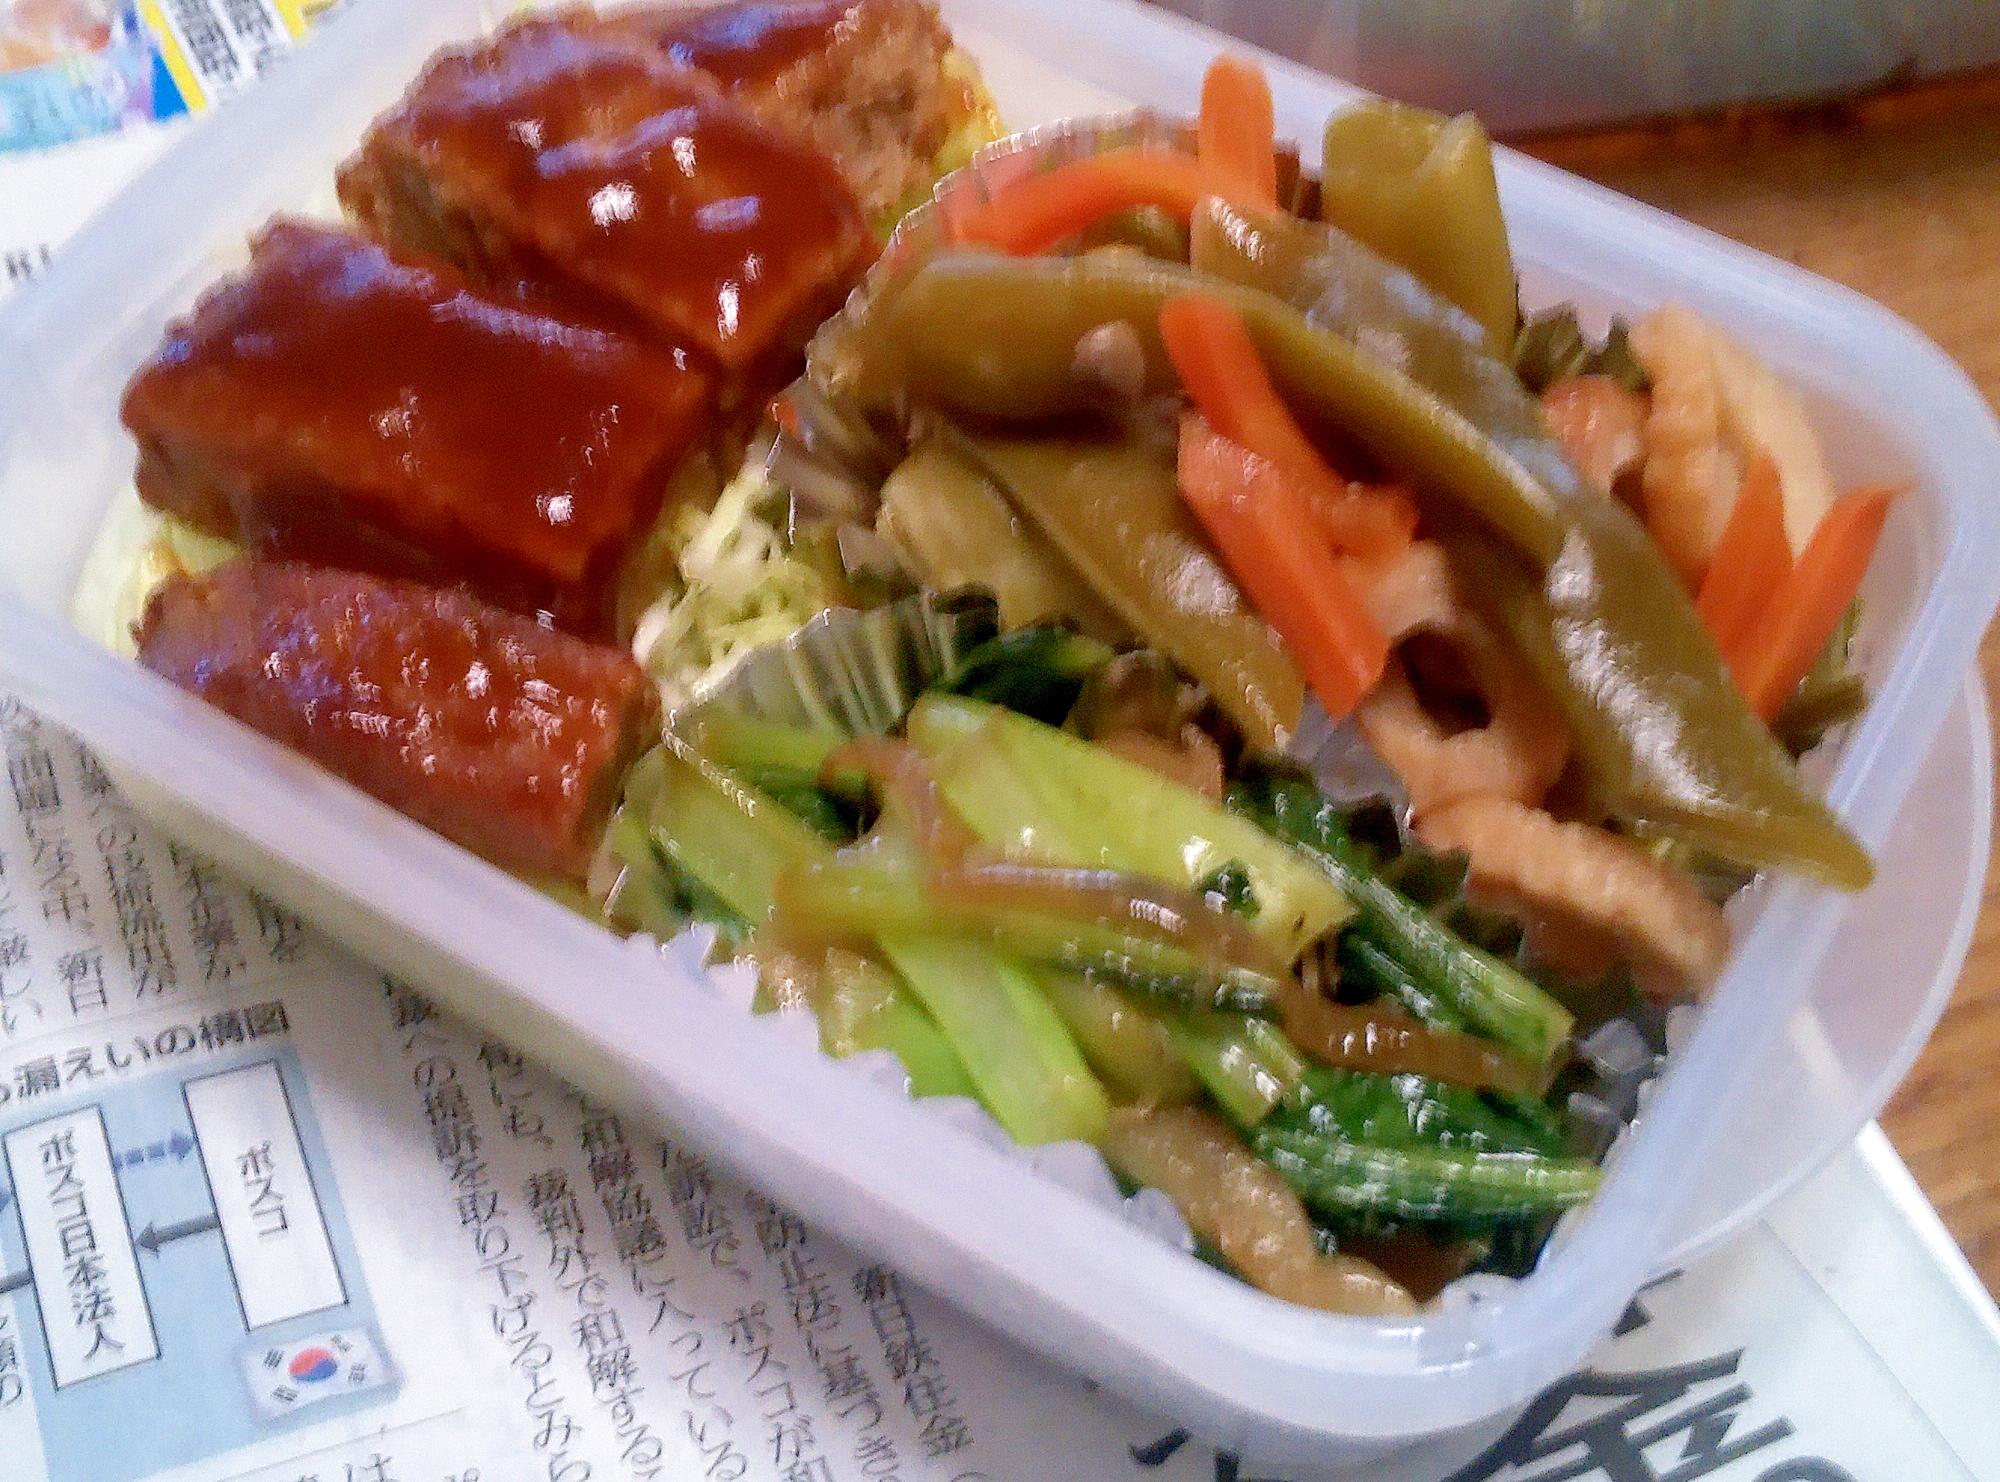 お弁当に簡単おかず♪小松菜だけ炒め レシピ・作り方 by かっぺ4217|楽天レシピ